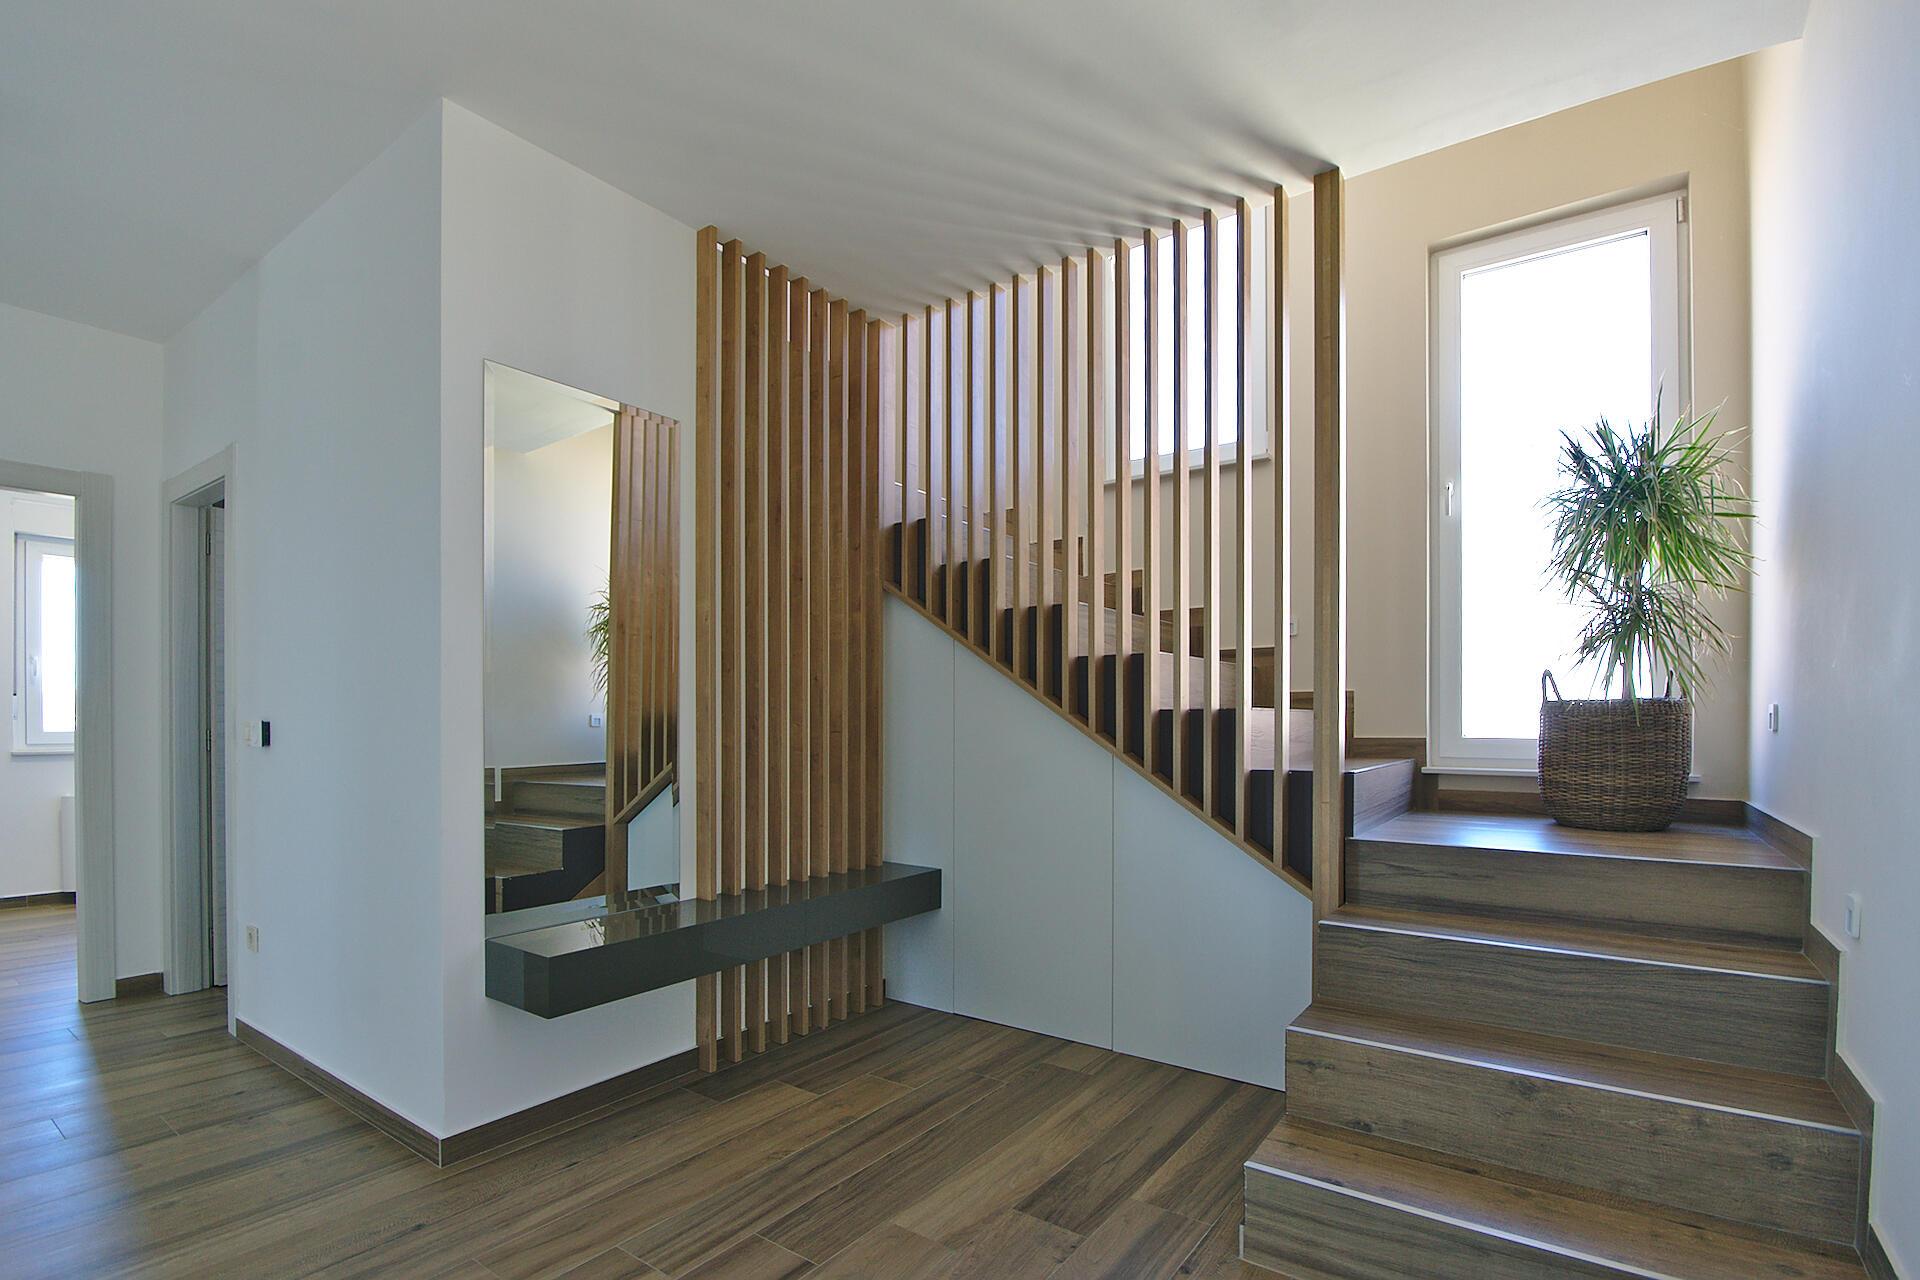 Dom i stil by Dogma: Dizajnerska ljepotica na Krasici